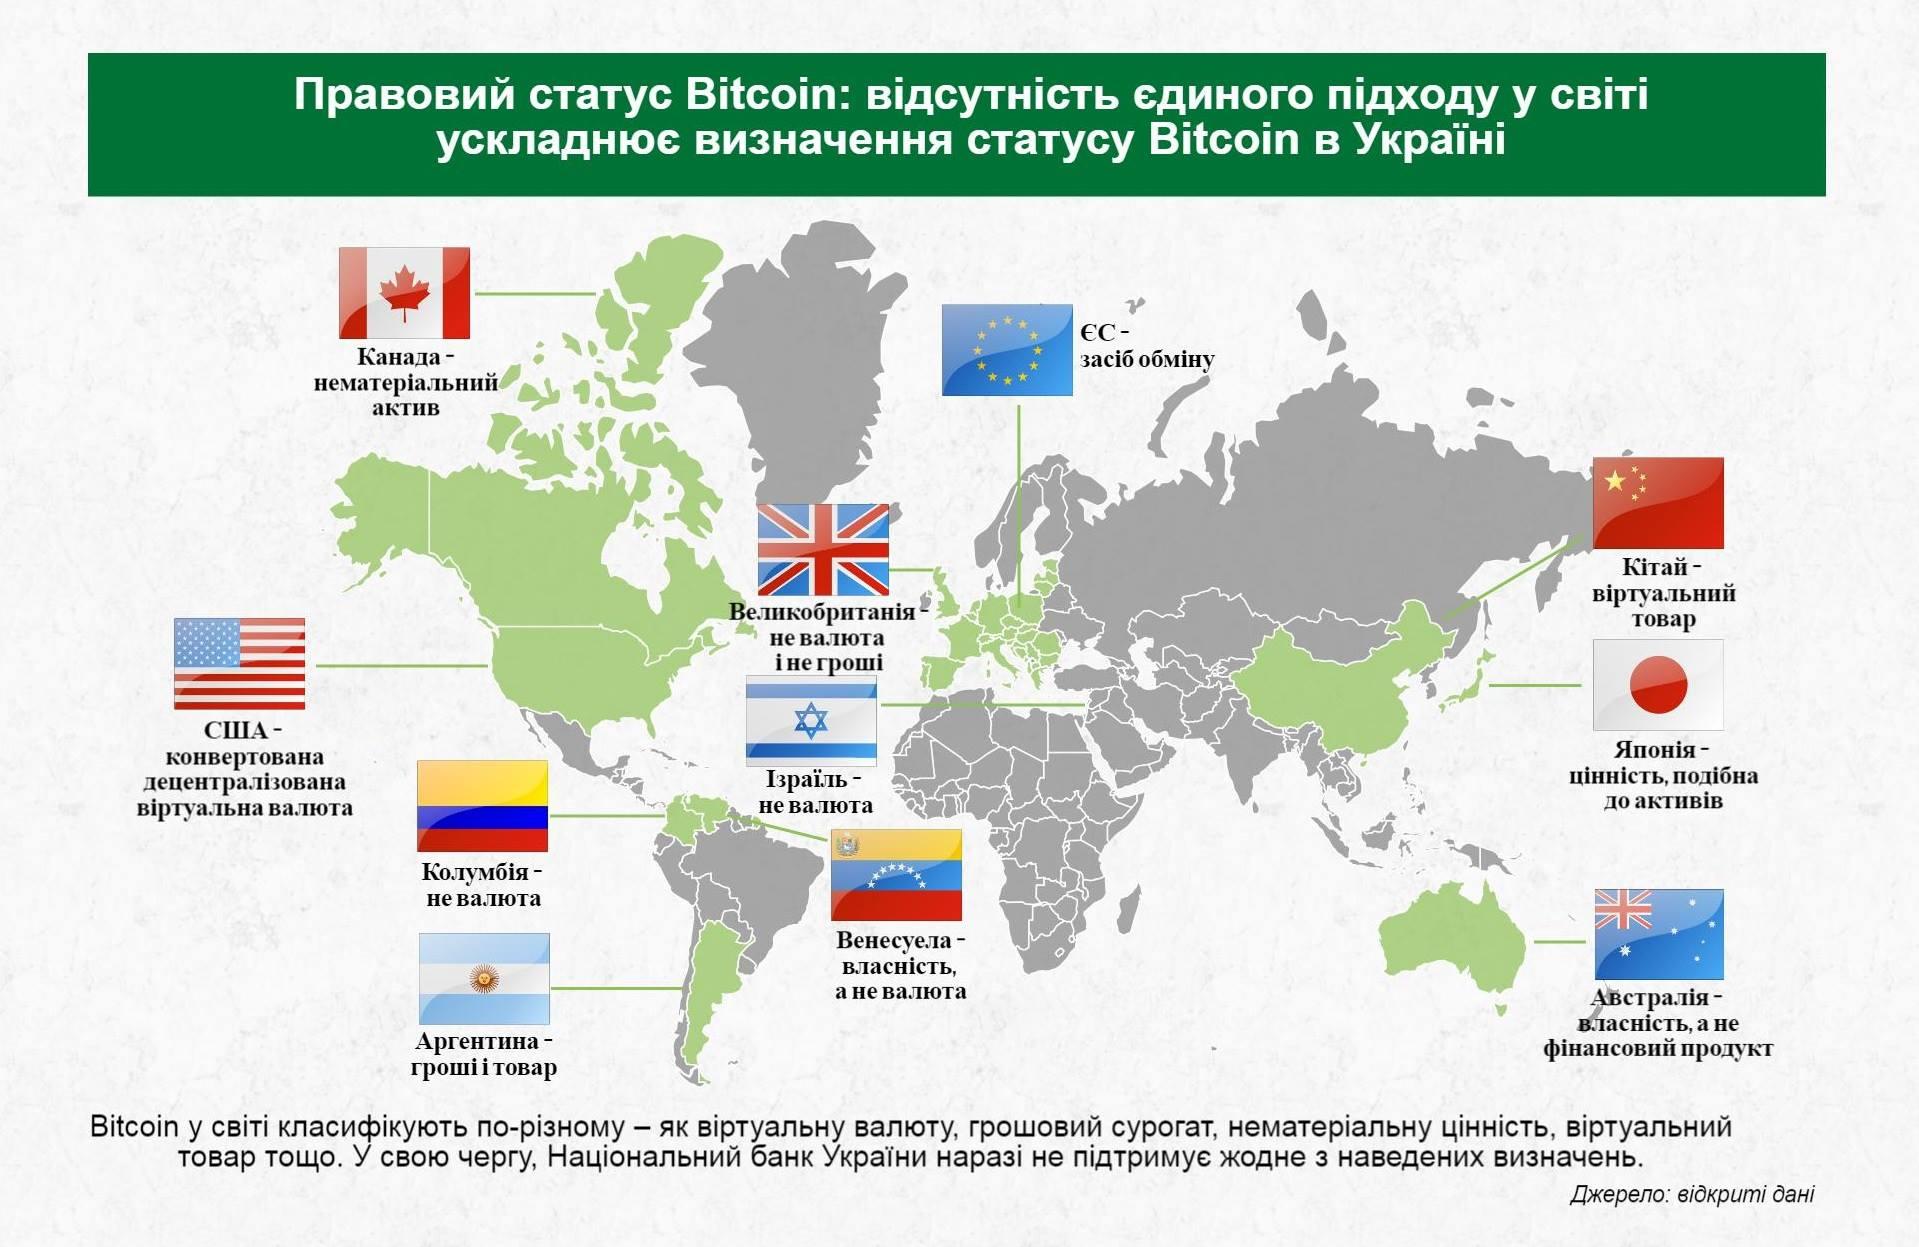 Cейчас Bitcoin неимеет определенного правового статуса вгосударстве Украина — НБУ